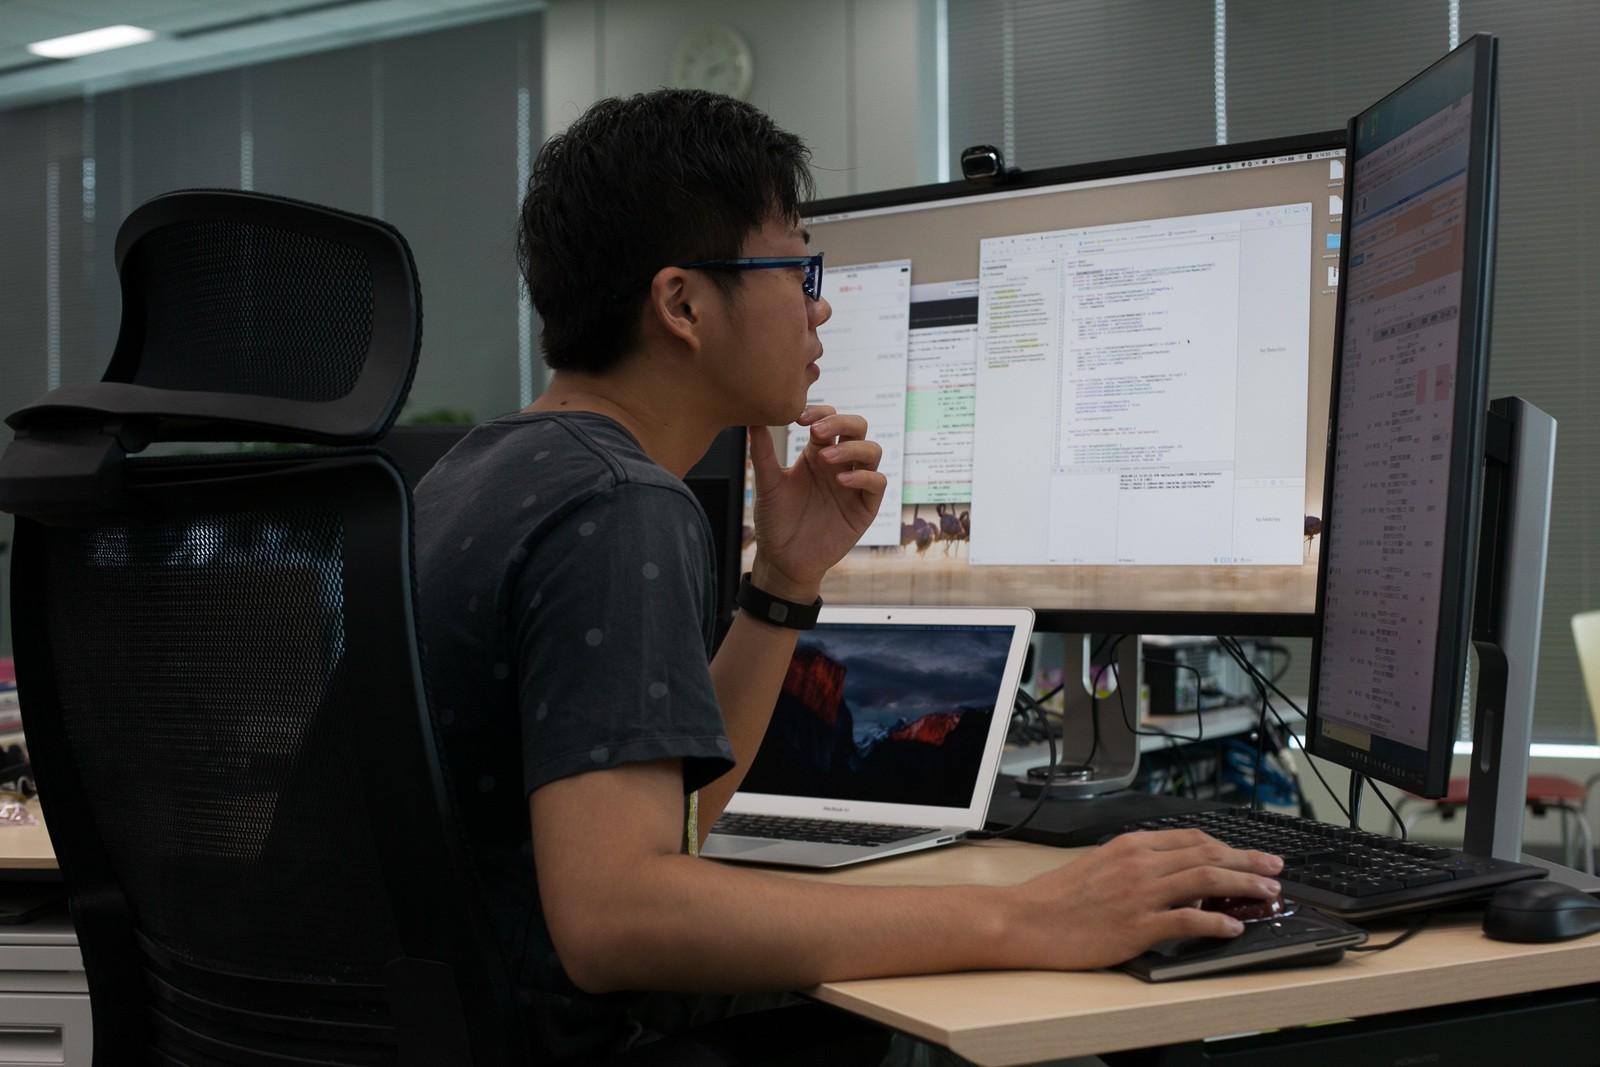 サイボウズのクラウドサービスを開発するWebアプリケーションエンジニア募集!(東京・大阪・松山)